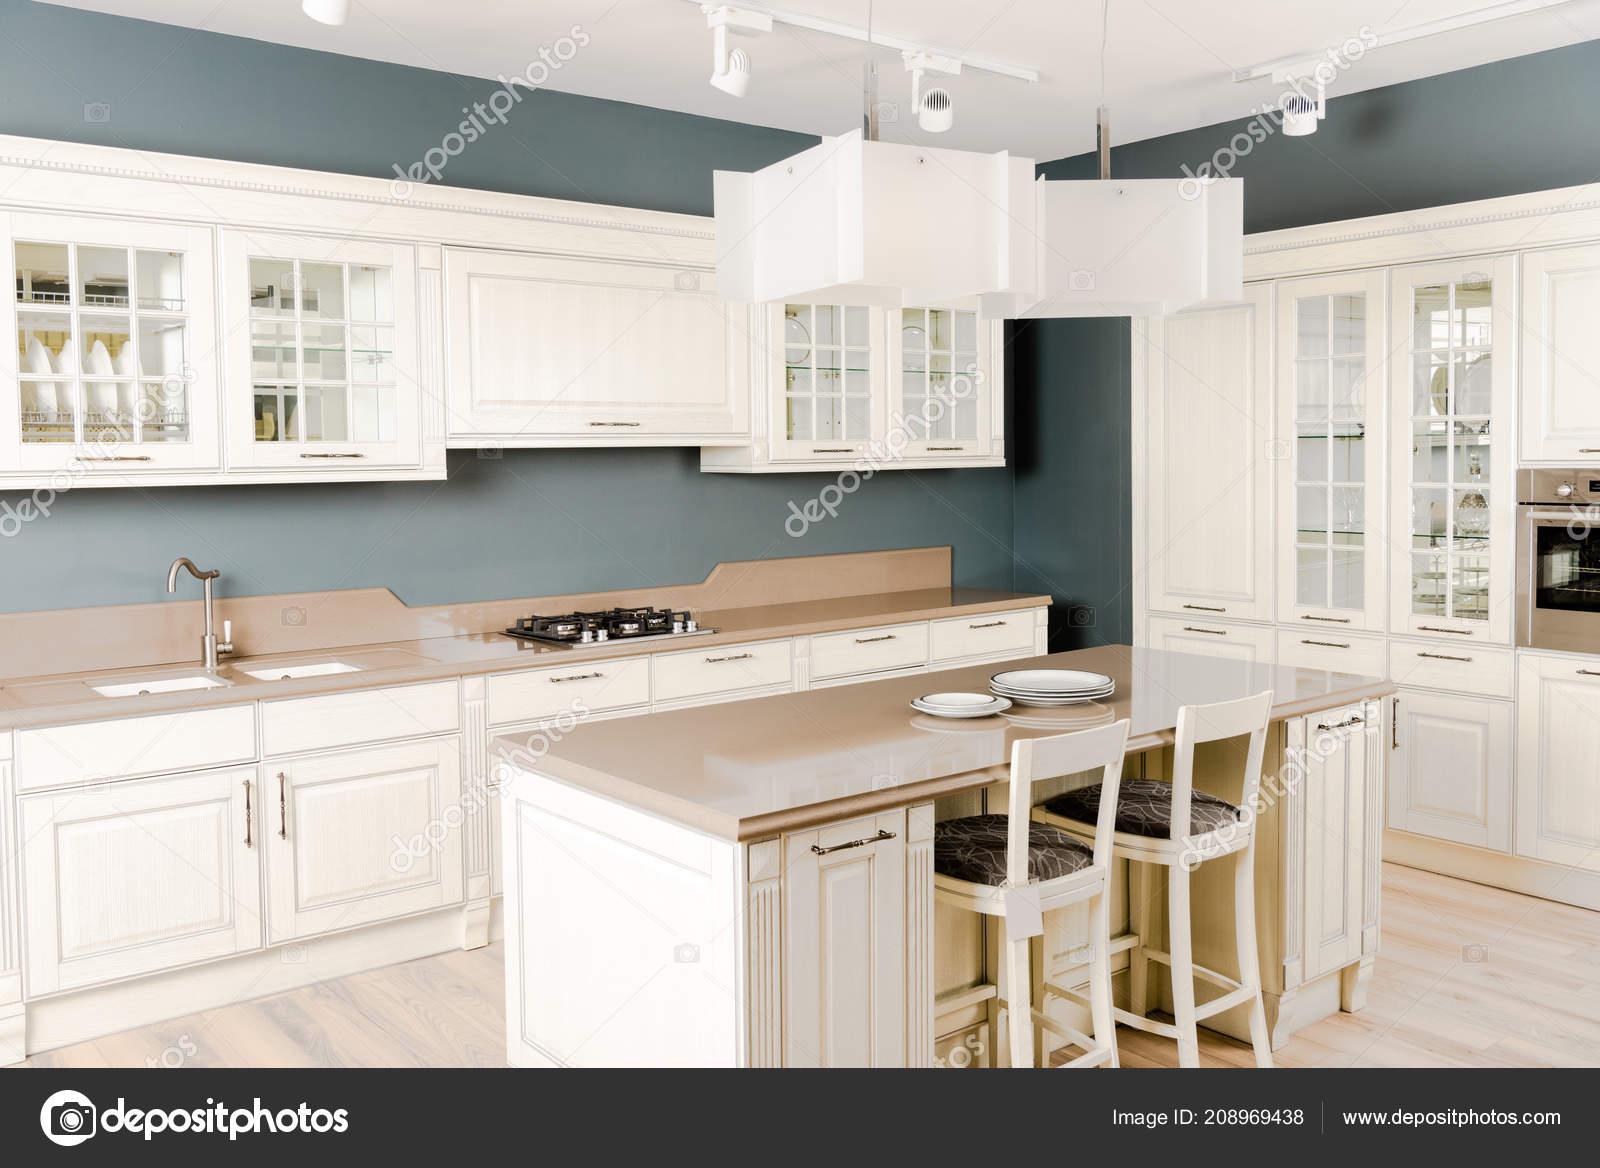 Interiore Della Cucina Moderna Luminosa Con Mobili Legno ...